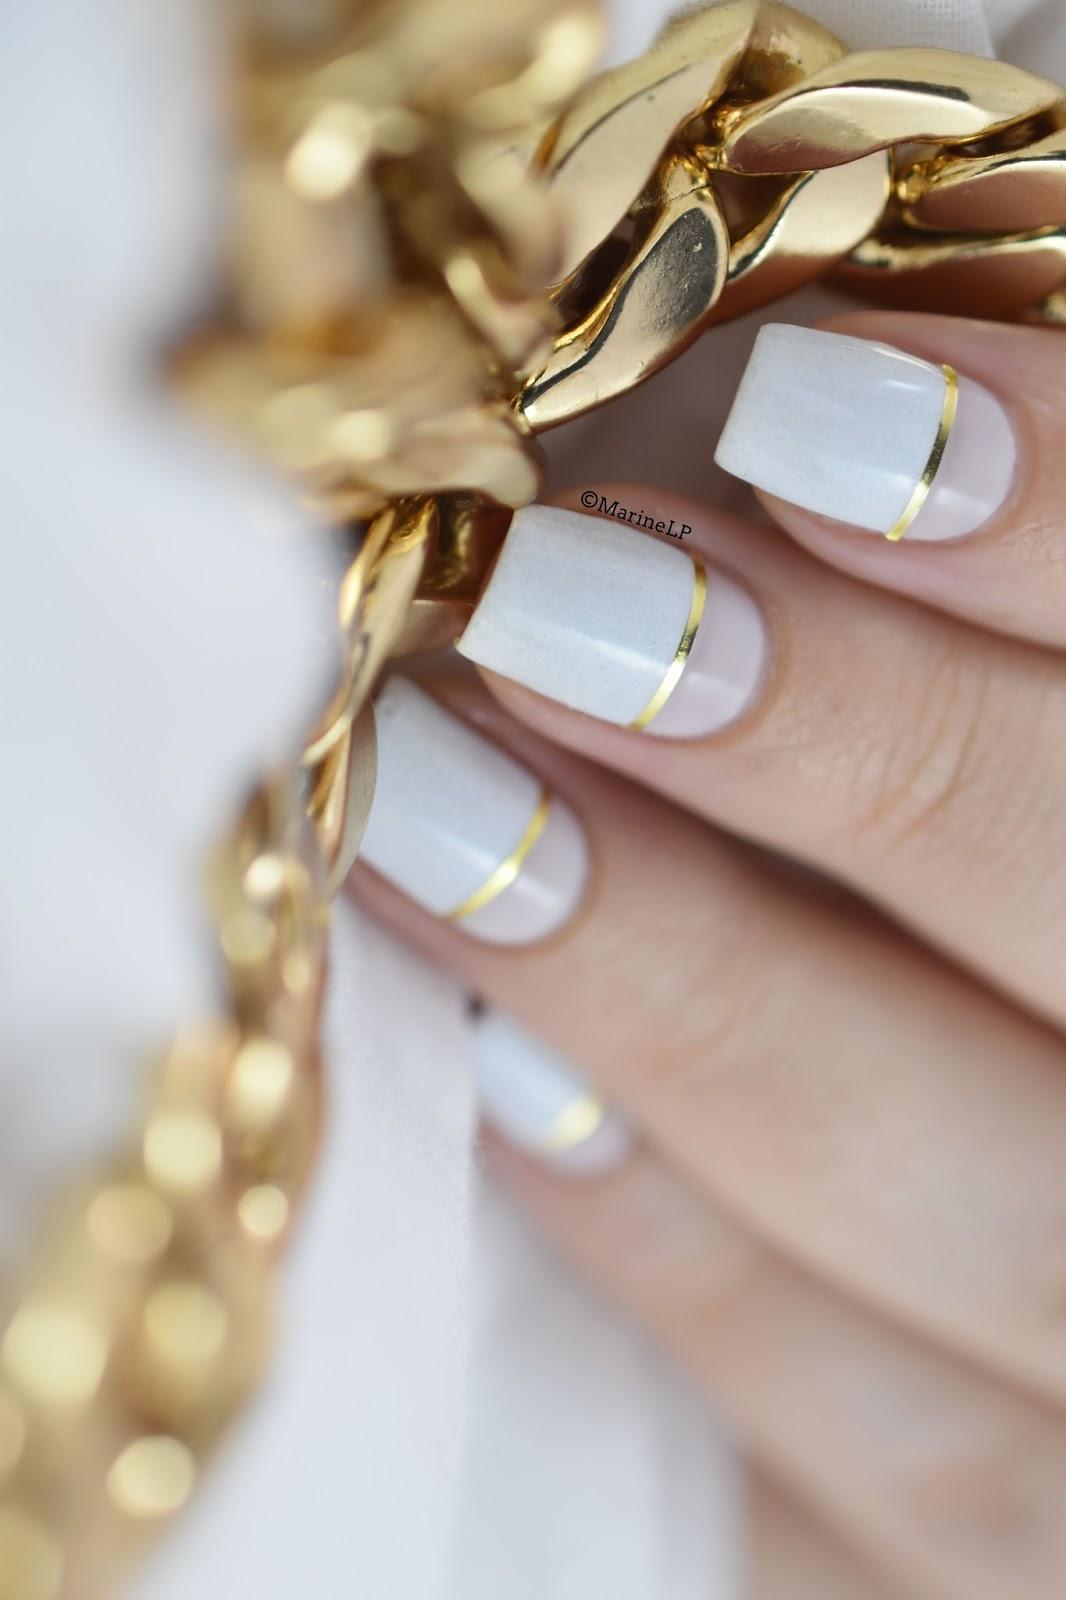 Маникюр с золотой или серебряной полоской